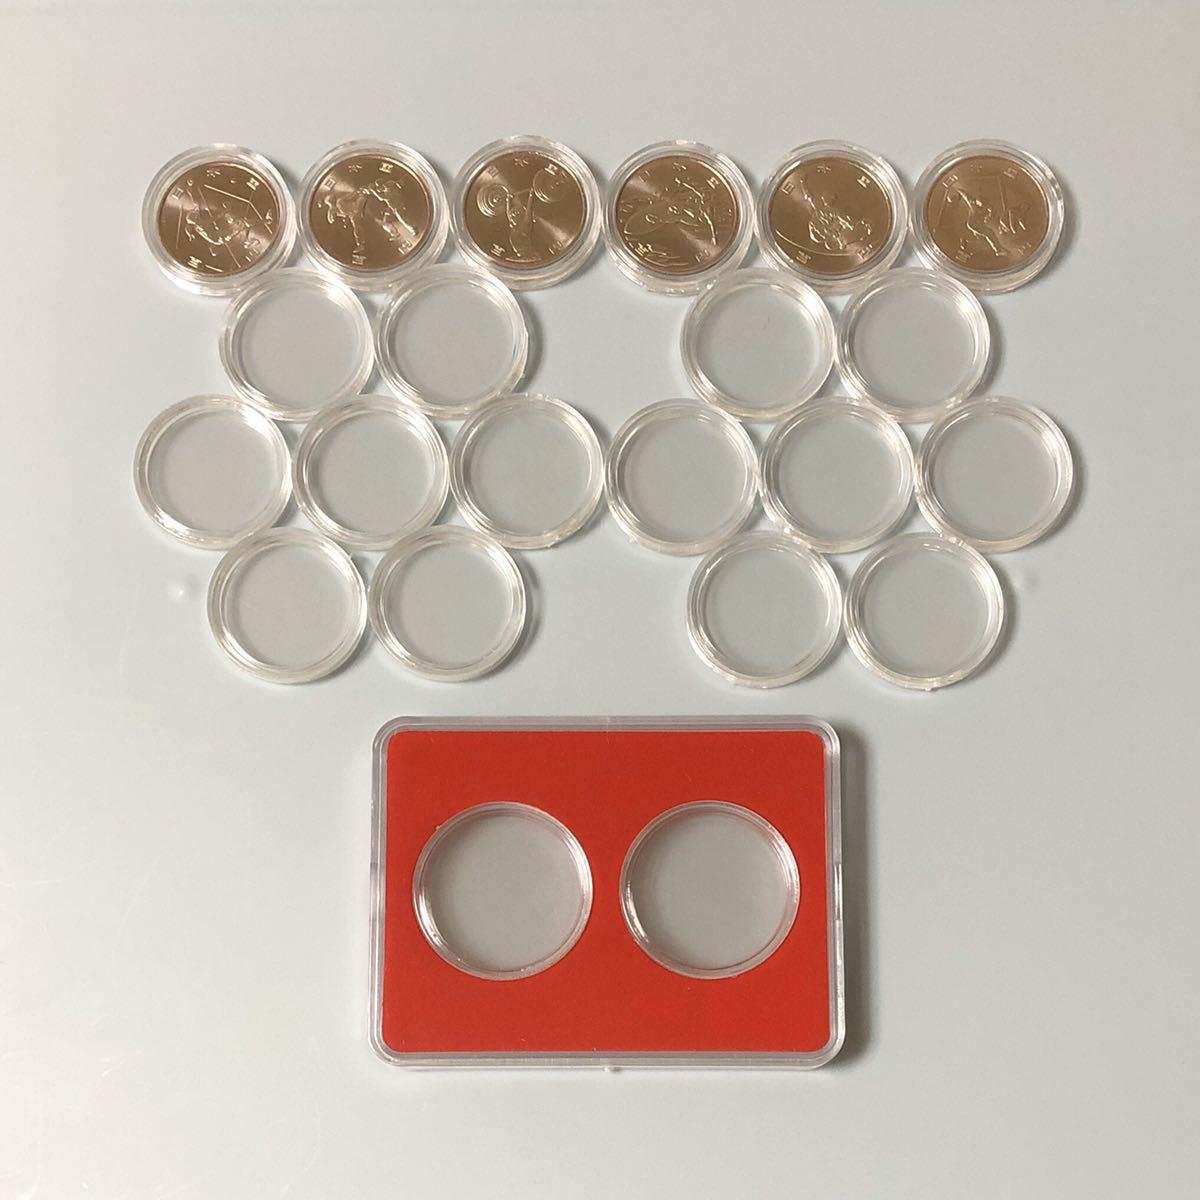 東京 2020 オリンピック 記念硬貨 第二次 コインカプセル付き コインケース付き_画像1